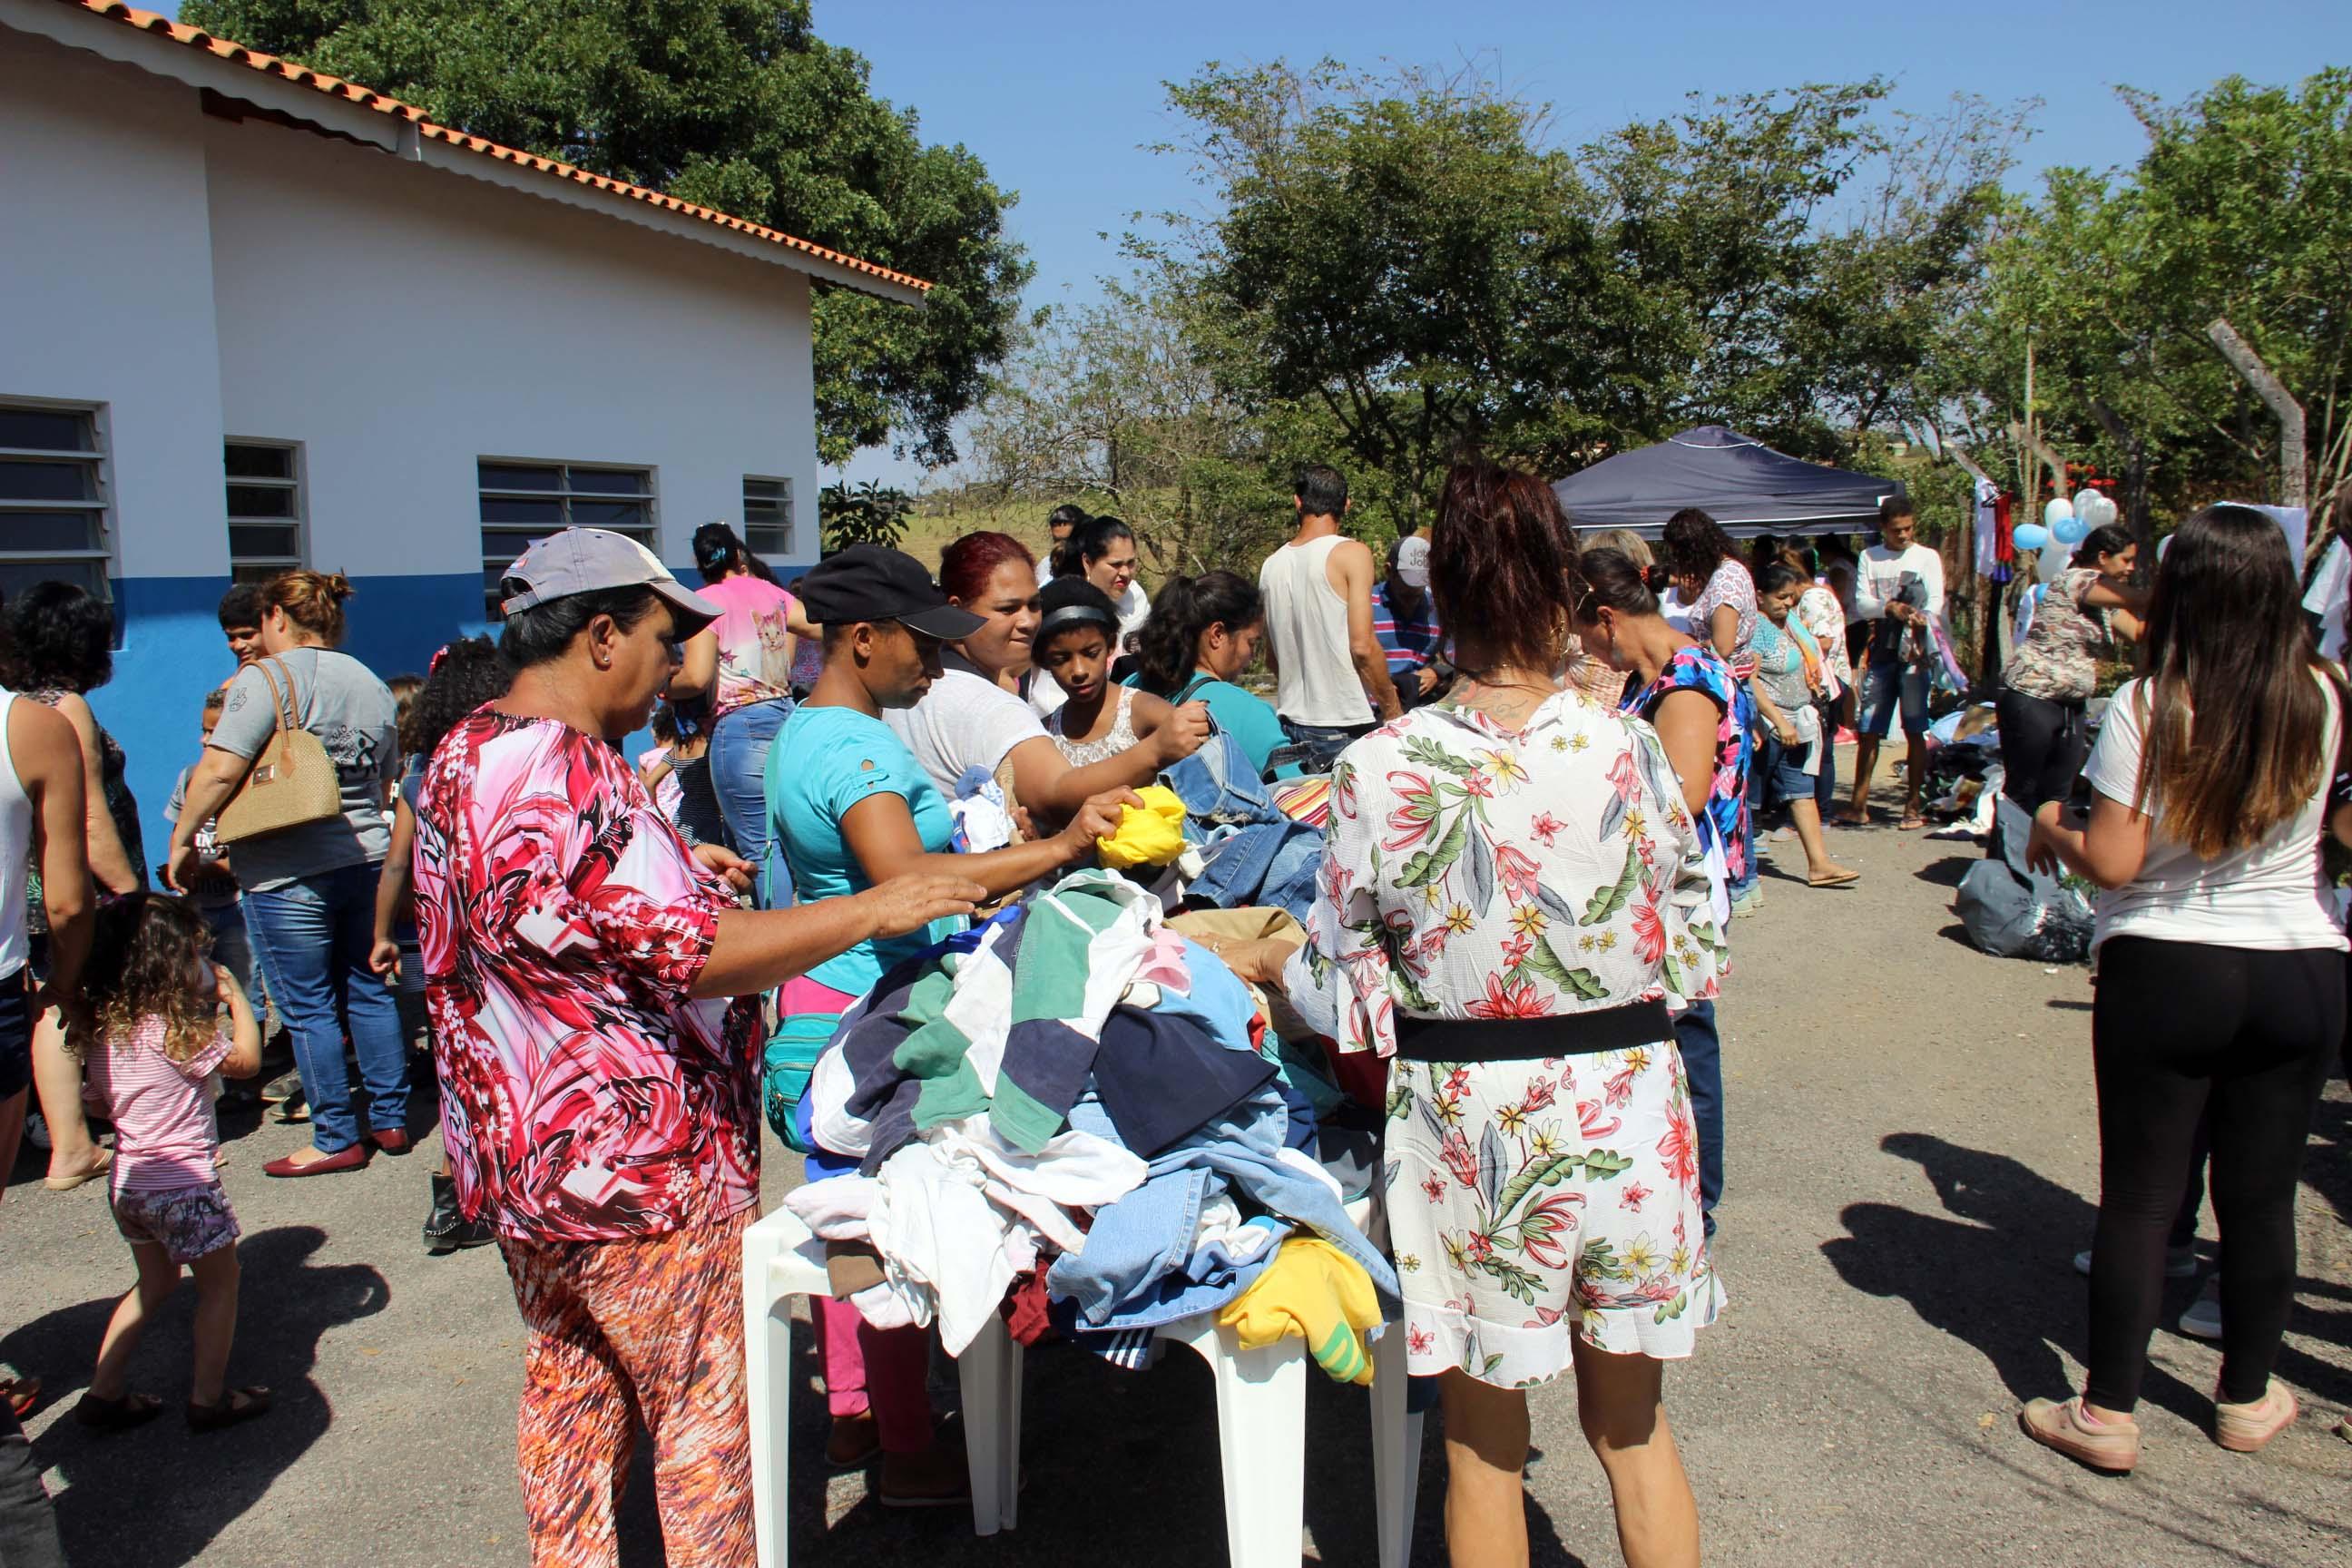 31.08.2019 Entrega das roupas Campanha do Agasalho (2)